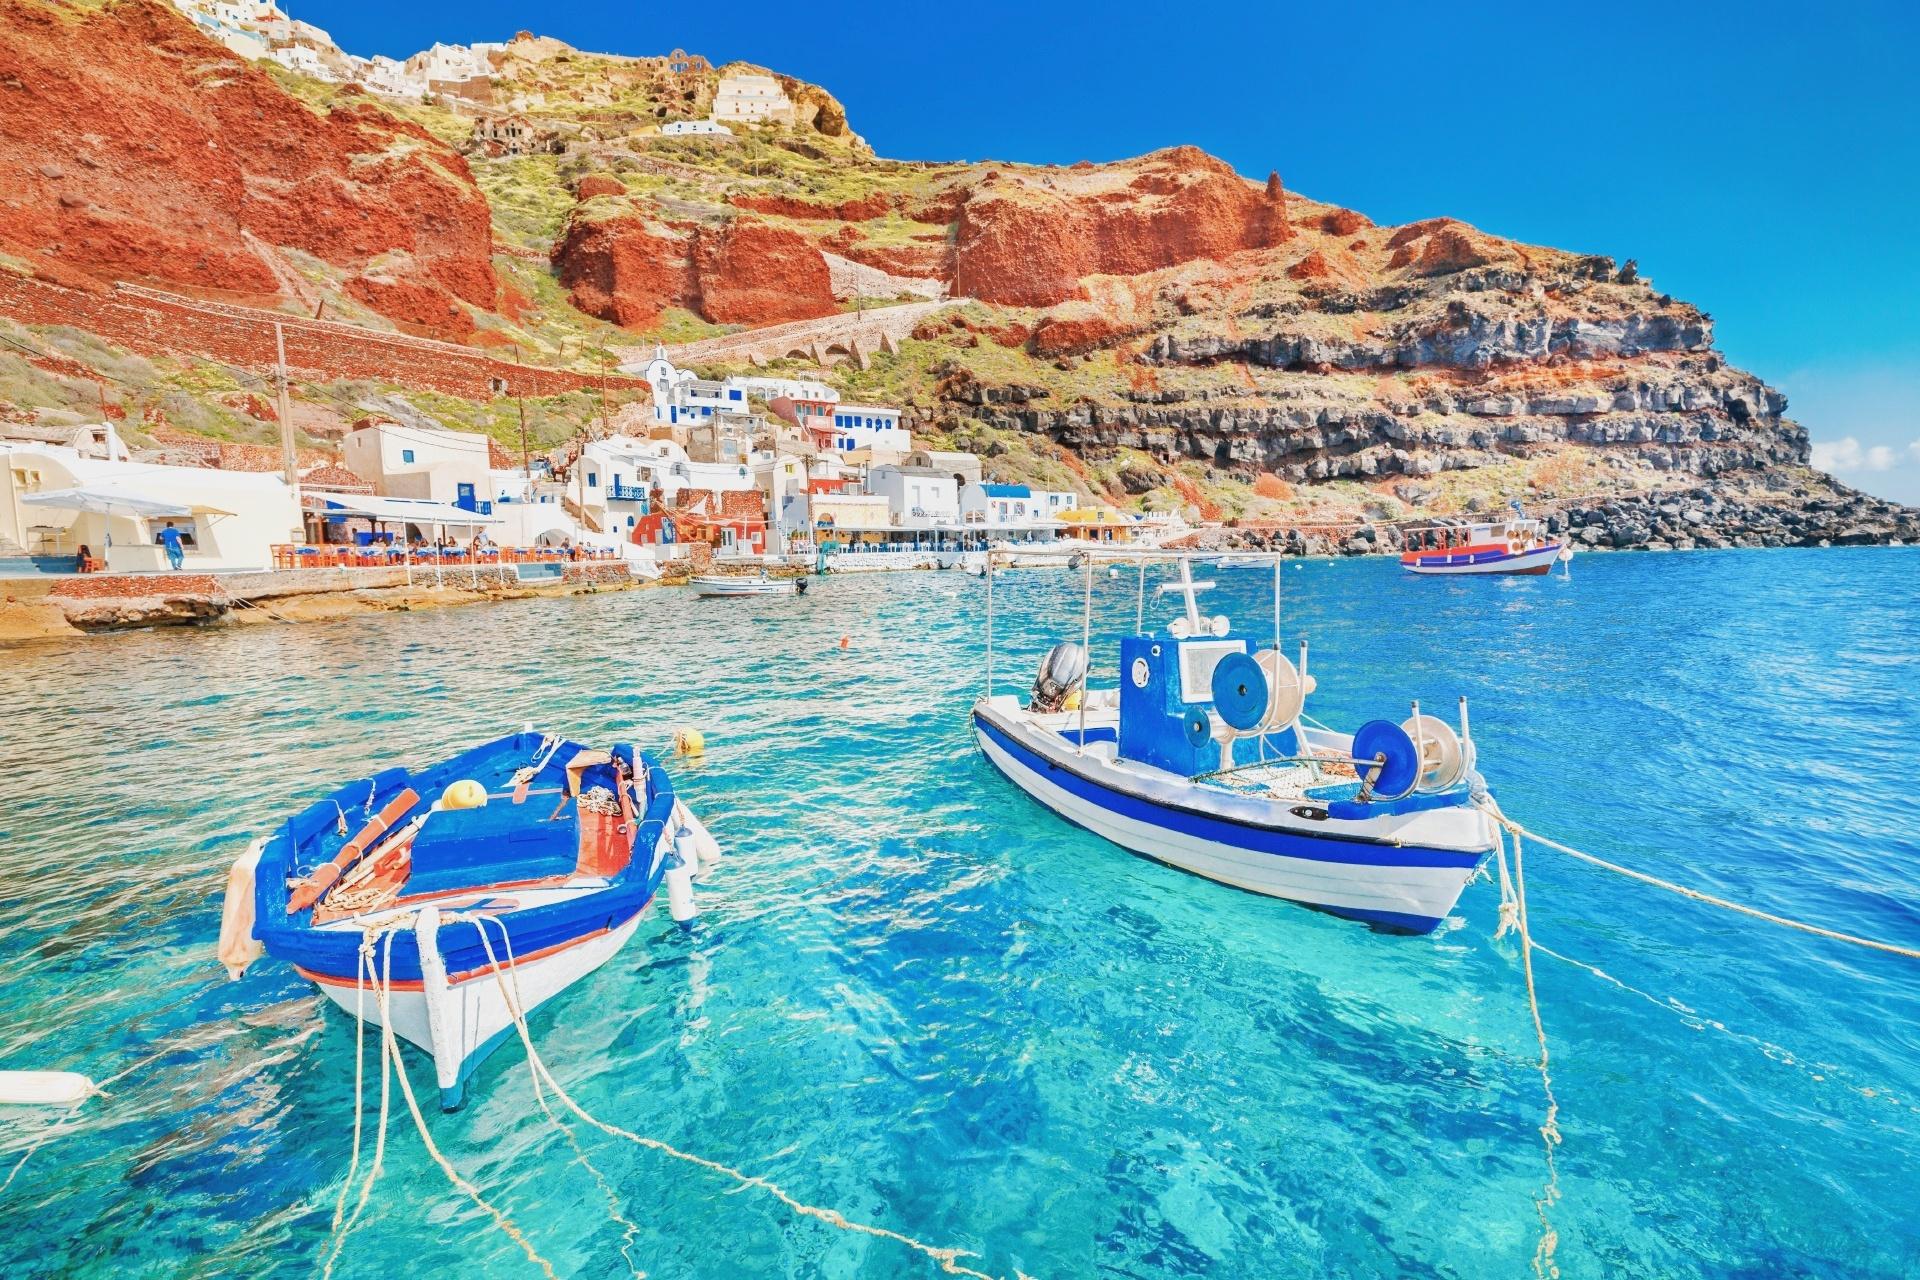 サントリーニ島イア村の風景 ギリシャの風景